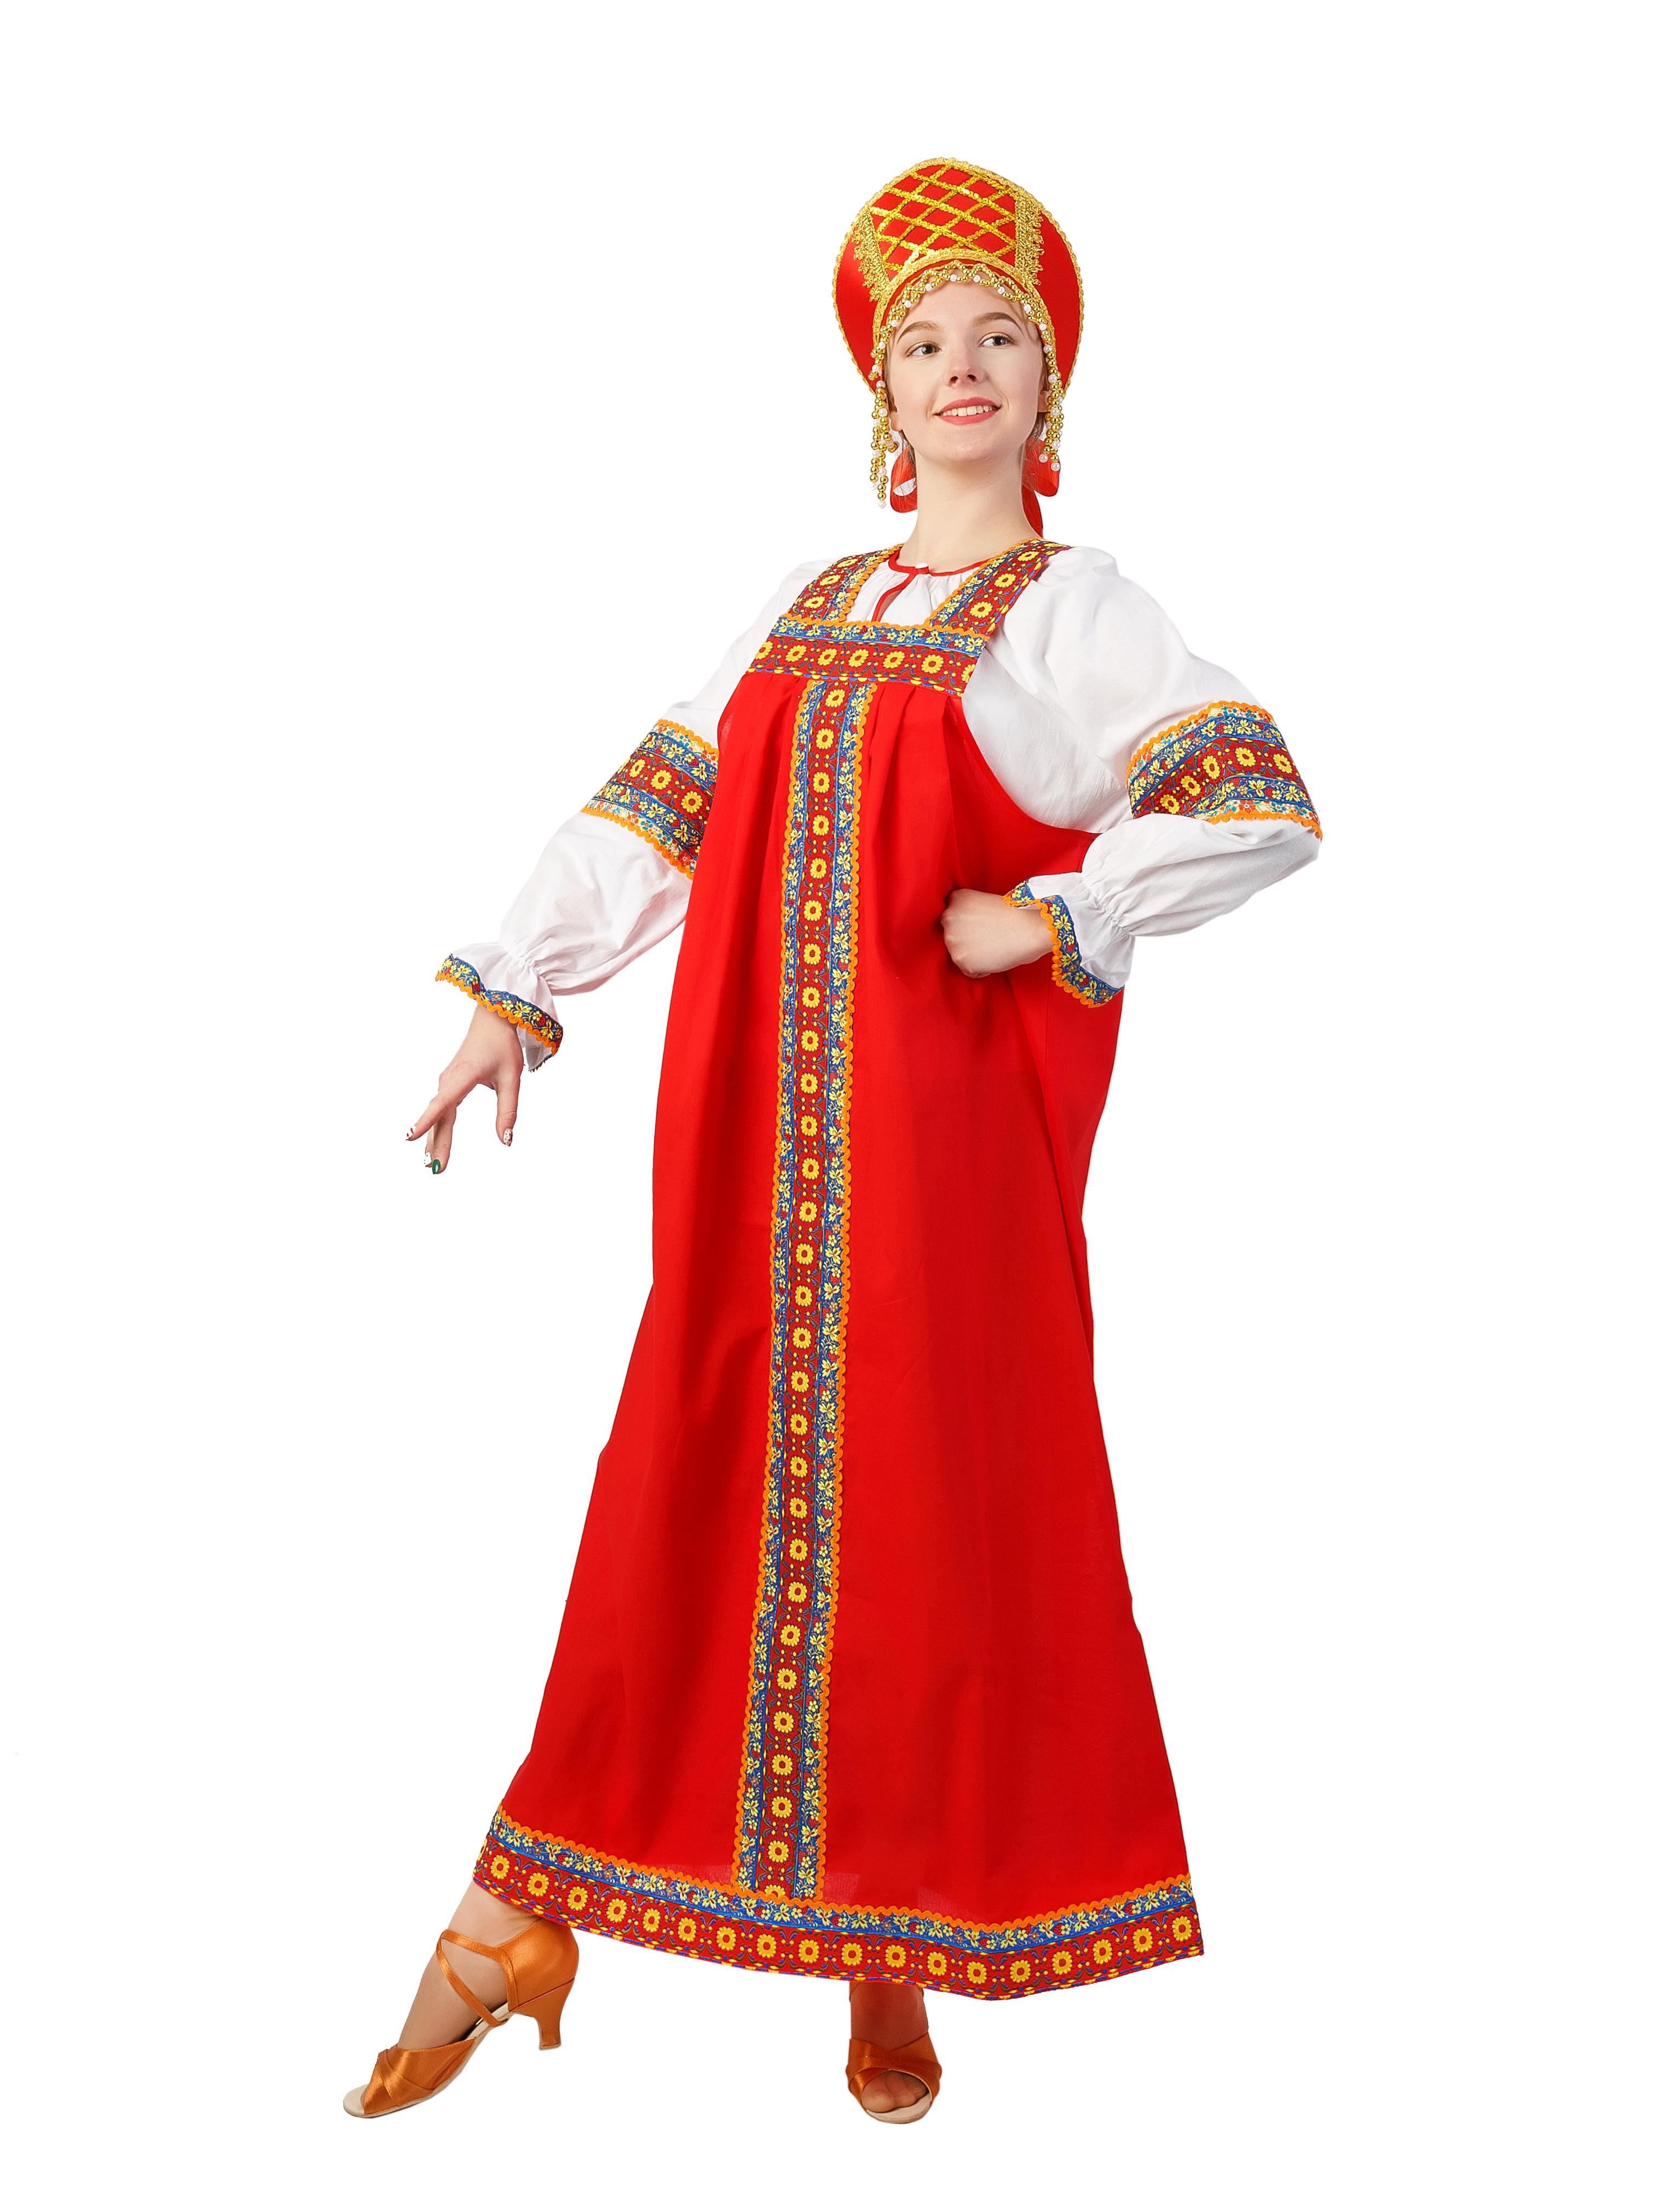 Картинки национальной одежды русского народа, для